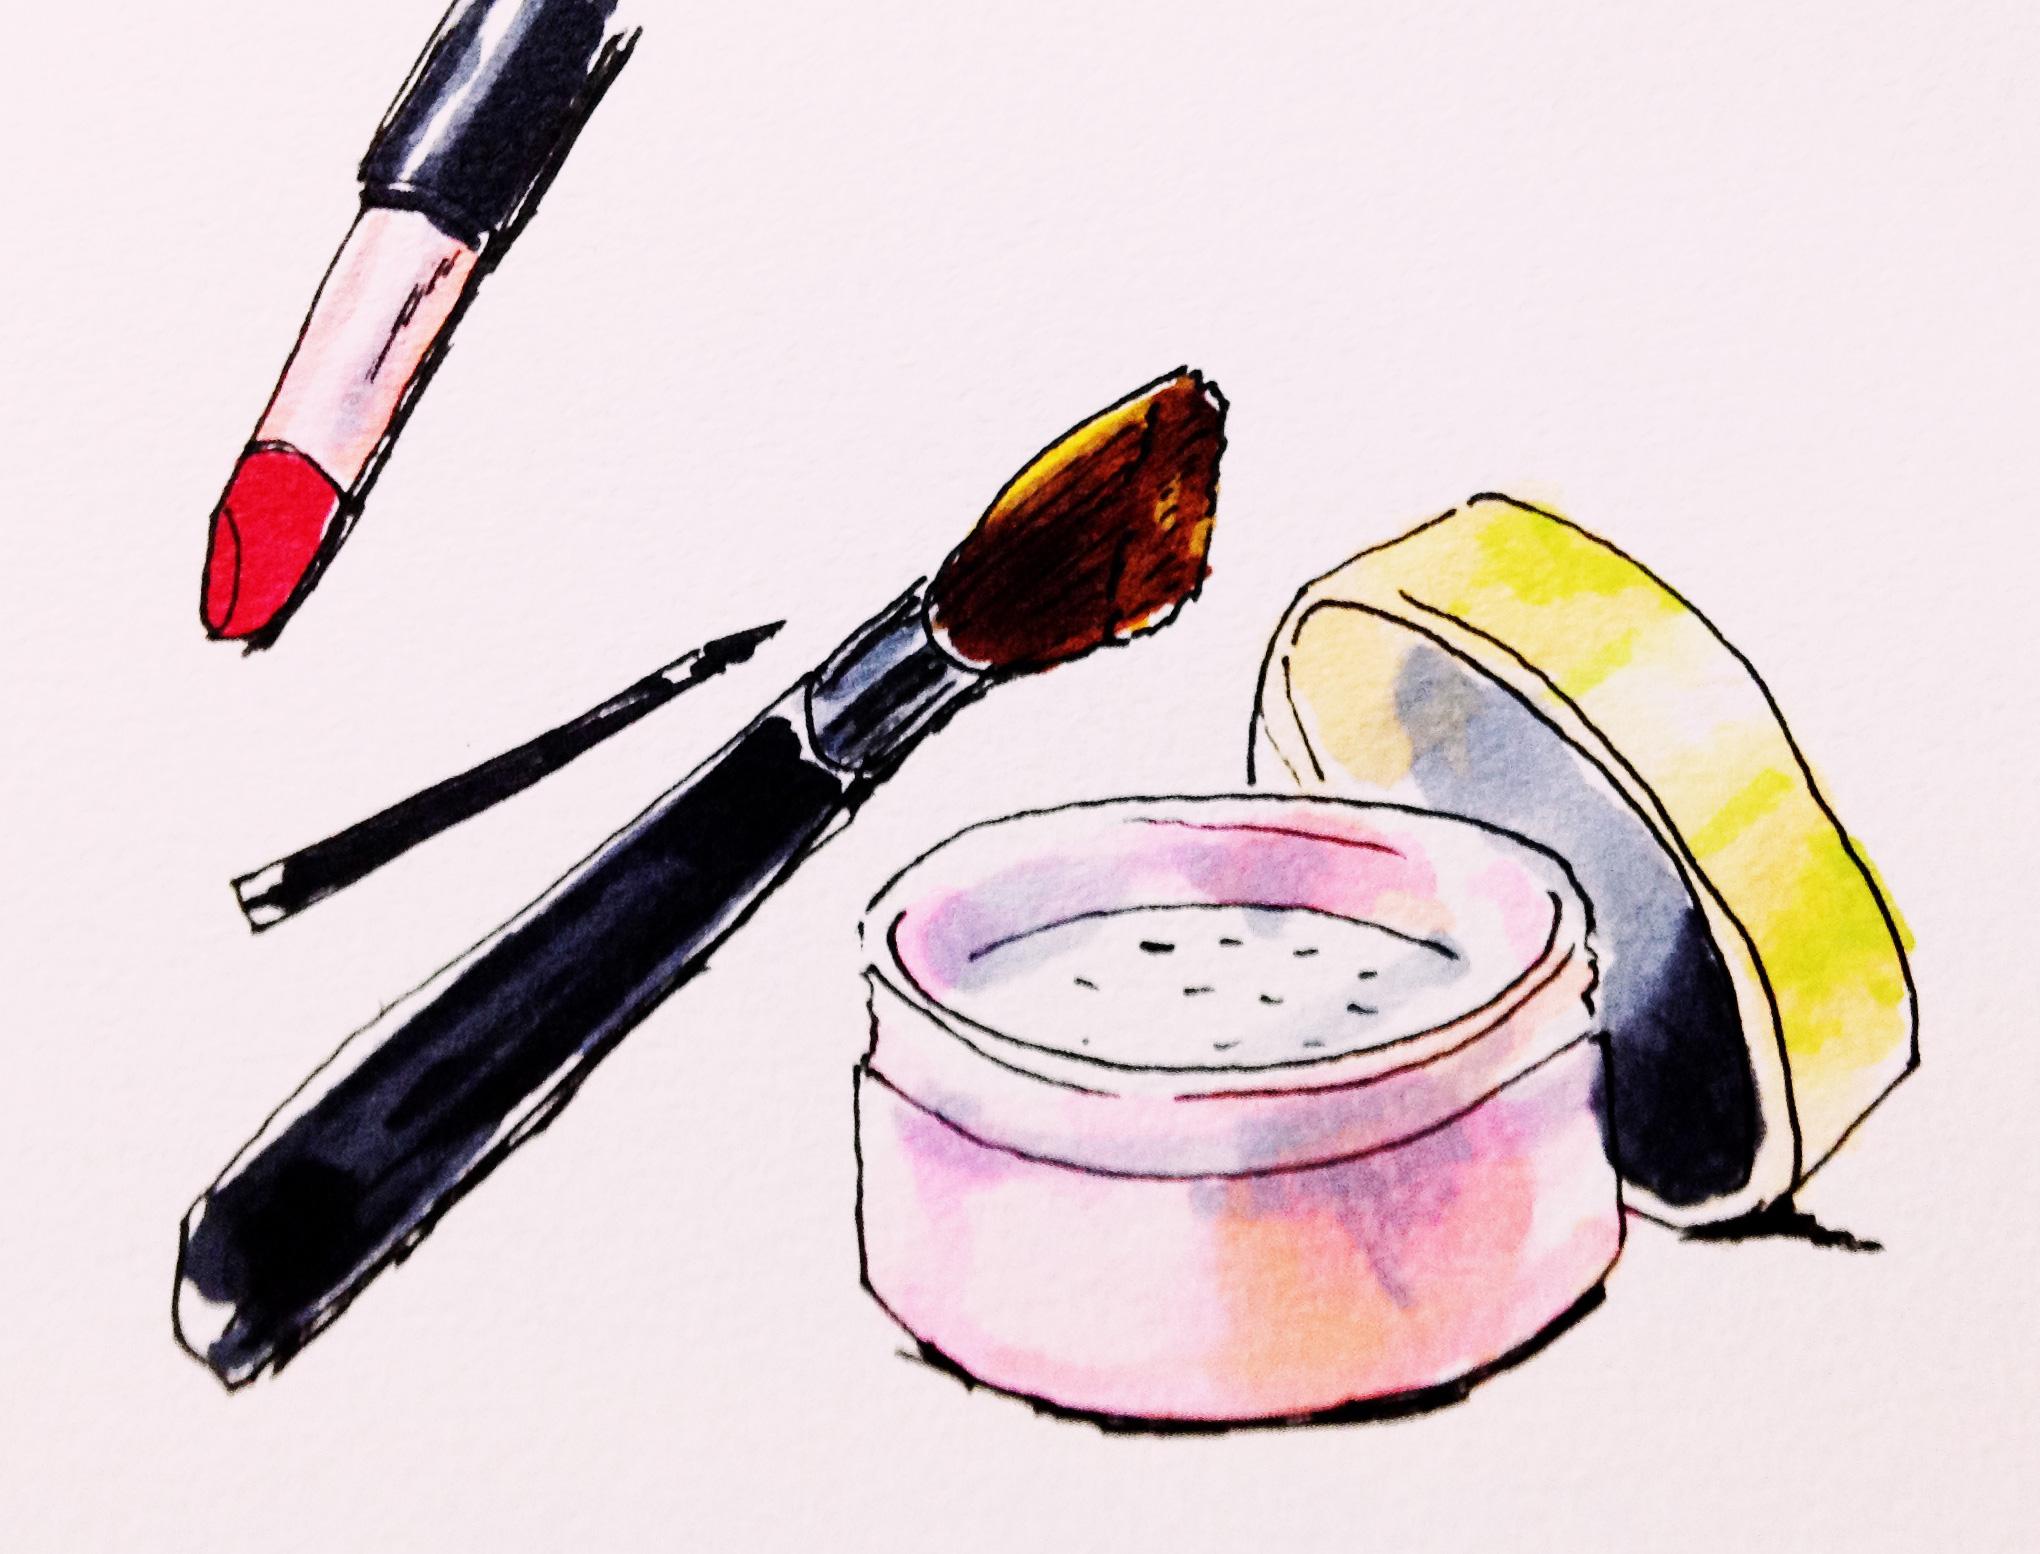 女性的だと感じる化粧品のイメージをコピックマーカーで描いたイラスト